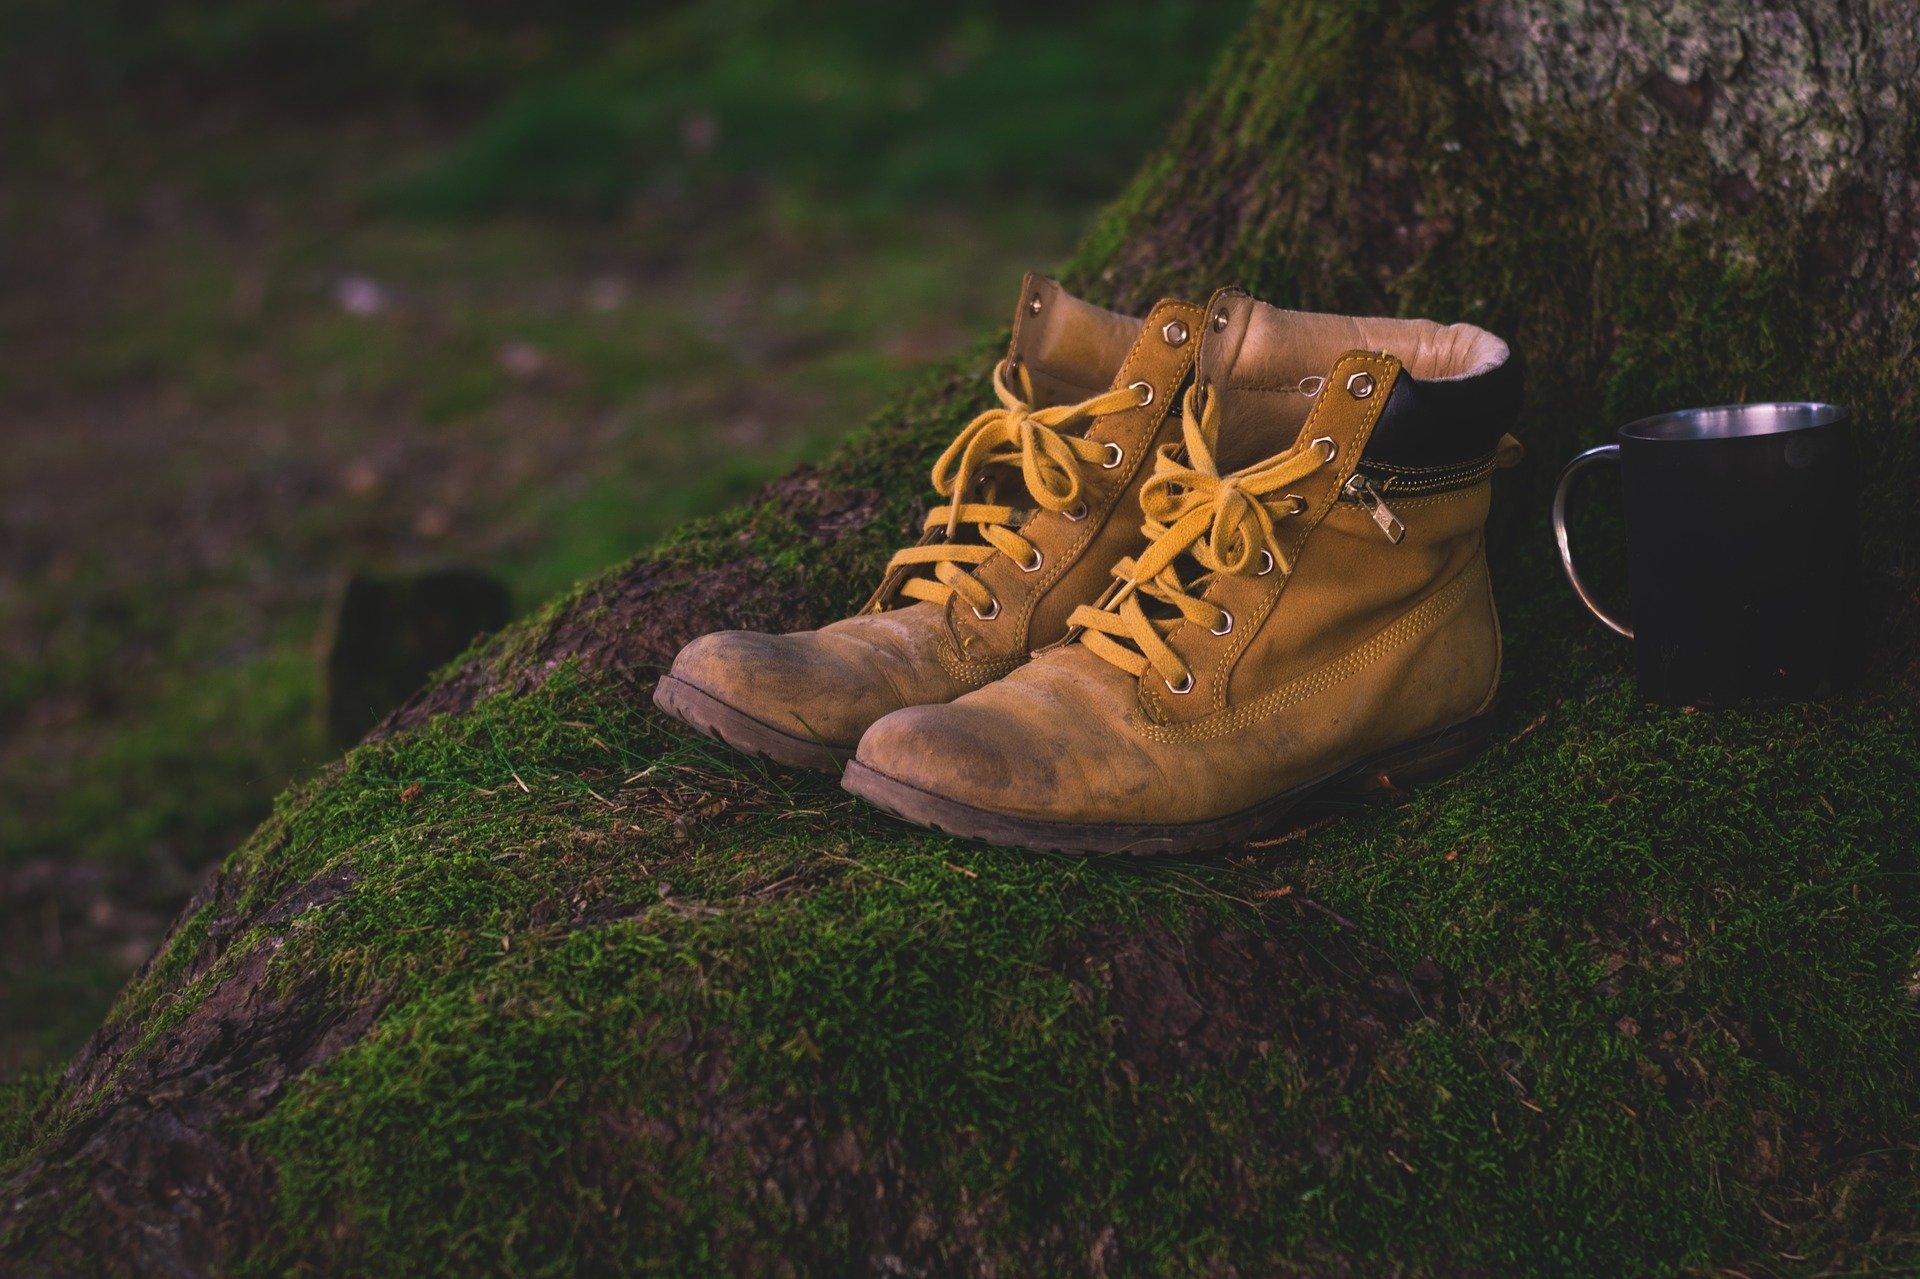 Samstagswanderung: In der Walpurgisnacht - © Foto Pixabay